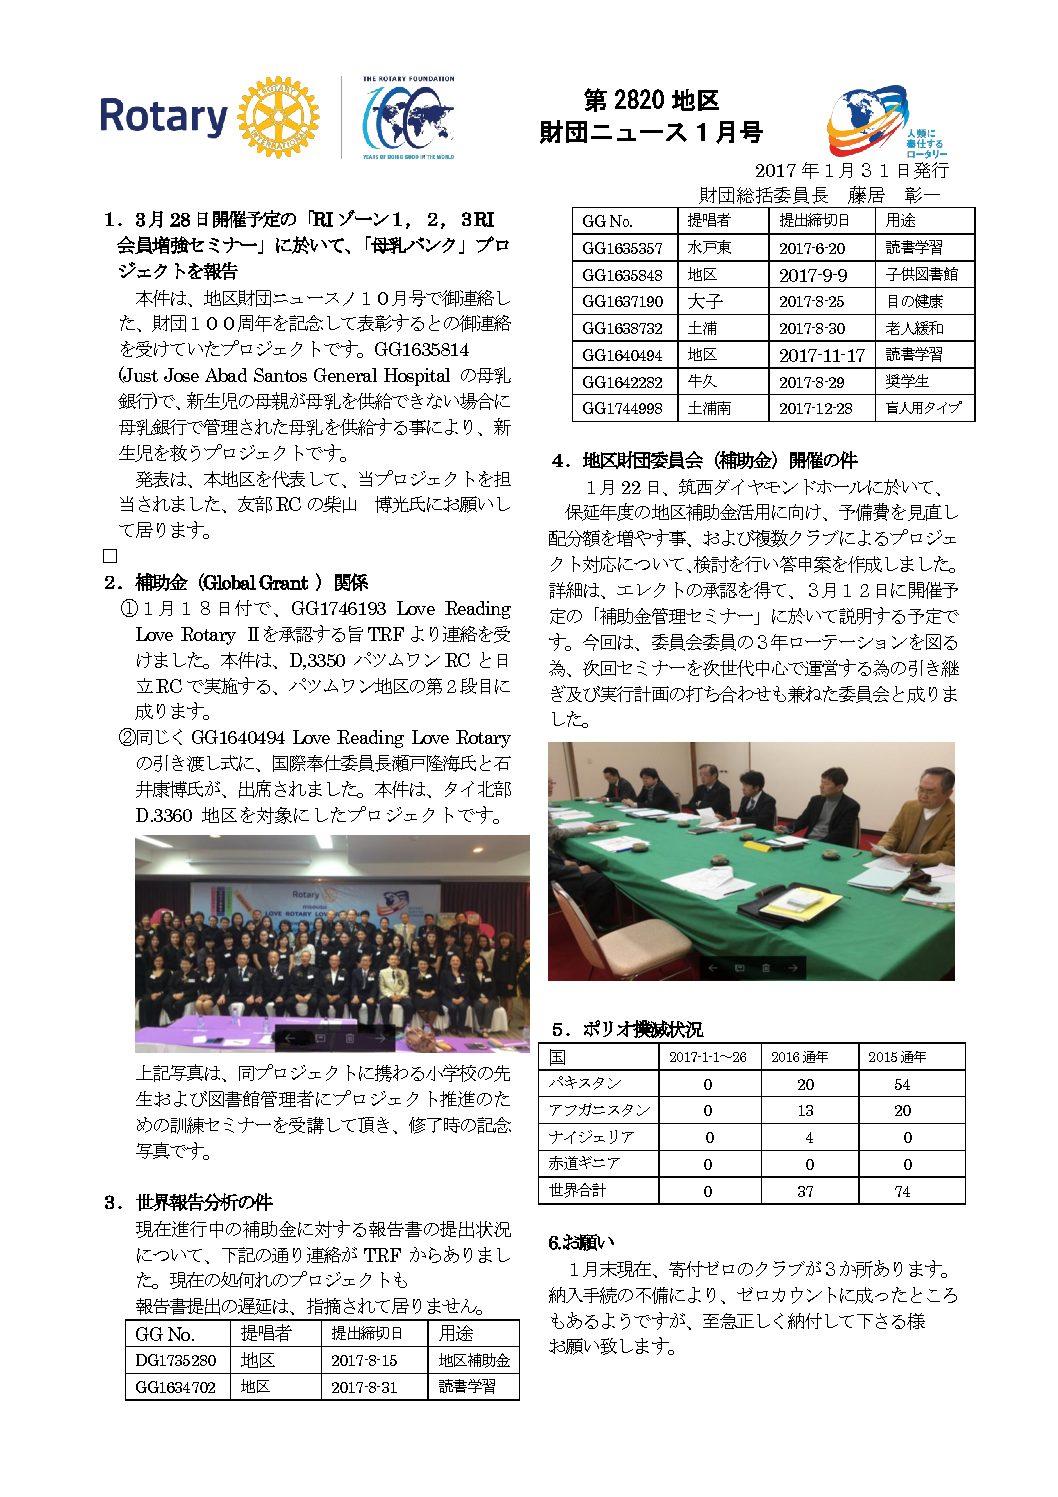 rid-fond-news-201702